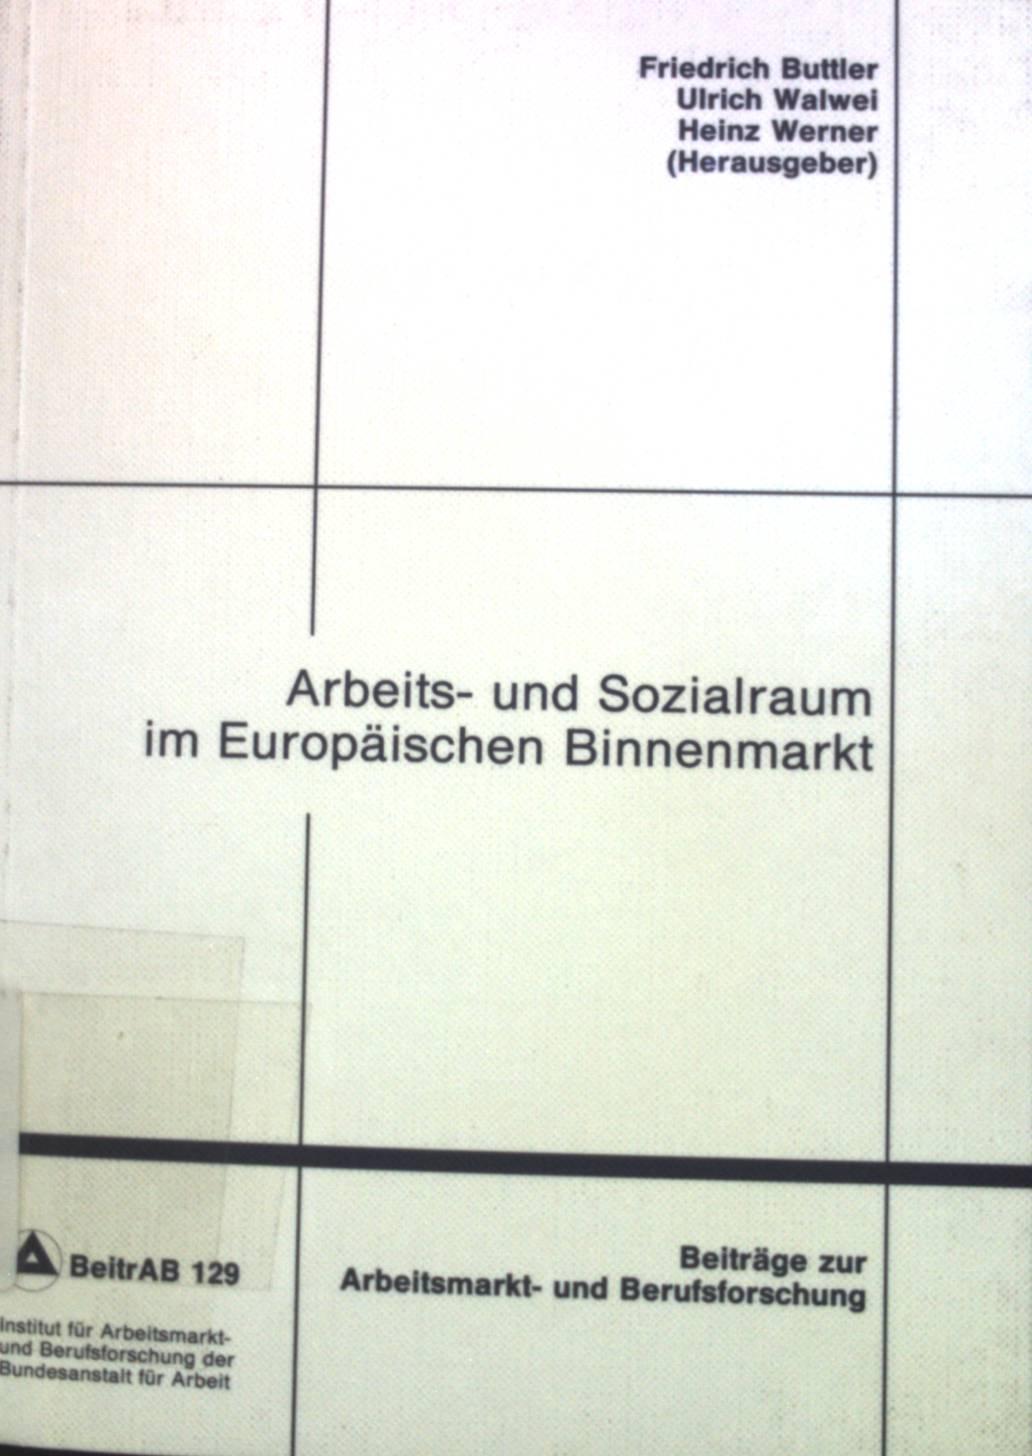 Arbeits- und Sozialraum im Europäischen Binnenmarkt. Beiträge: Buttler, Friedrich, Ulrich